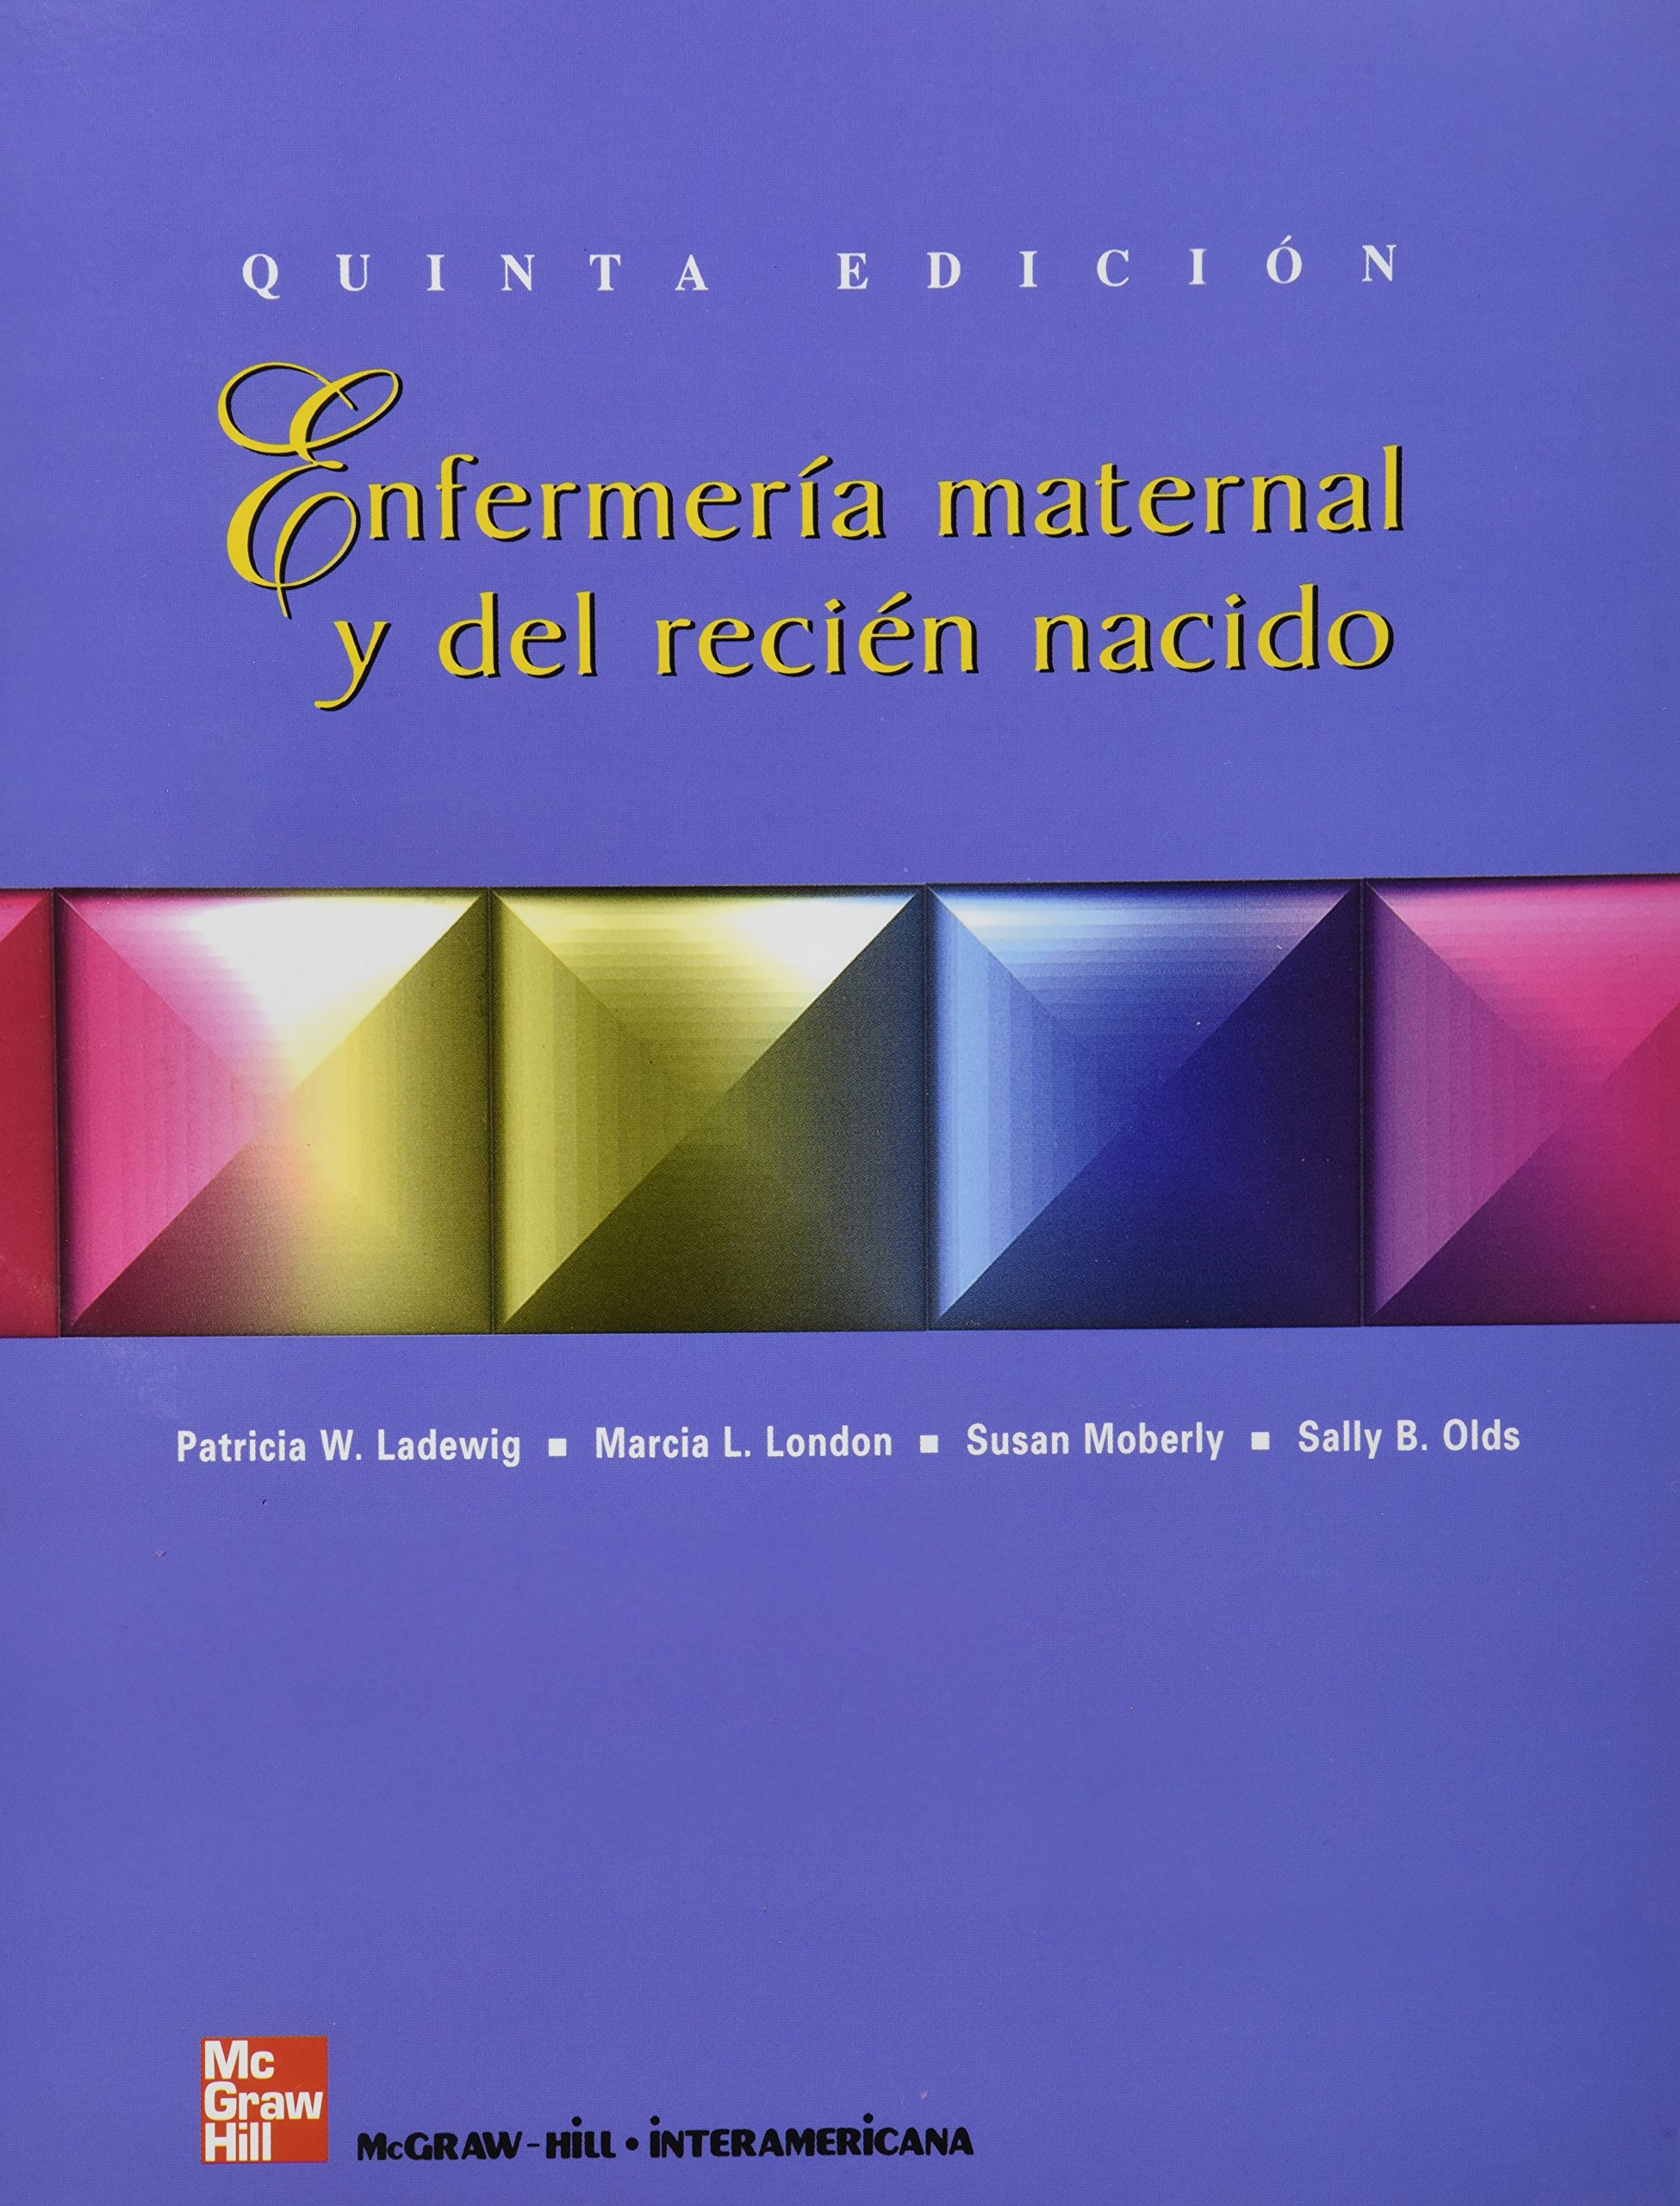 ENFERMERIA MATERNAL Y DEL RECIEN NACIDO: Amazon.es: Ladewig: Libros